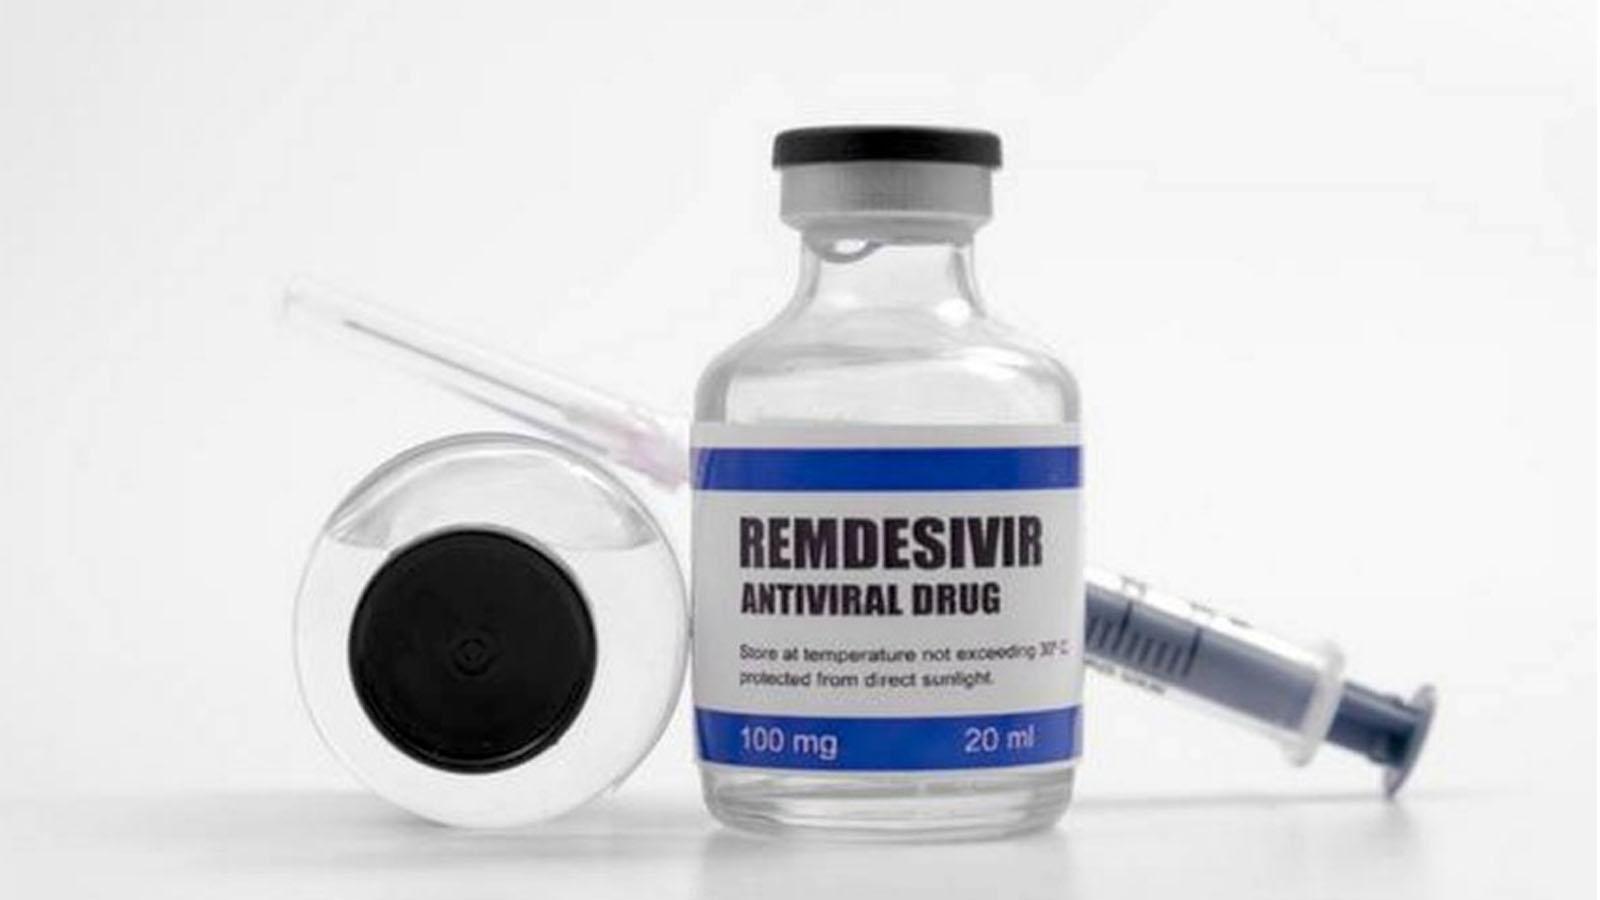 के हो रेम्डेसिभर? कोरोना उपचारमा कति उपयुक्त?